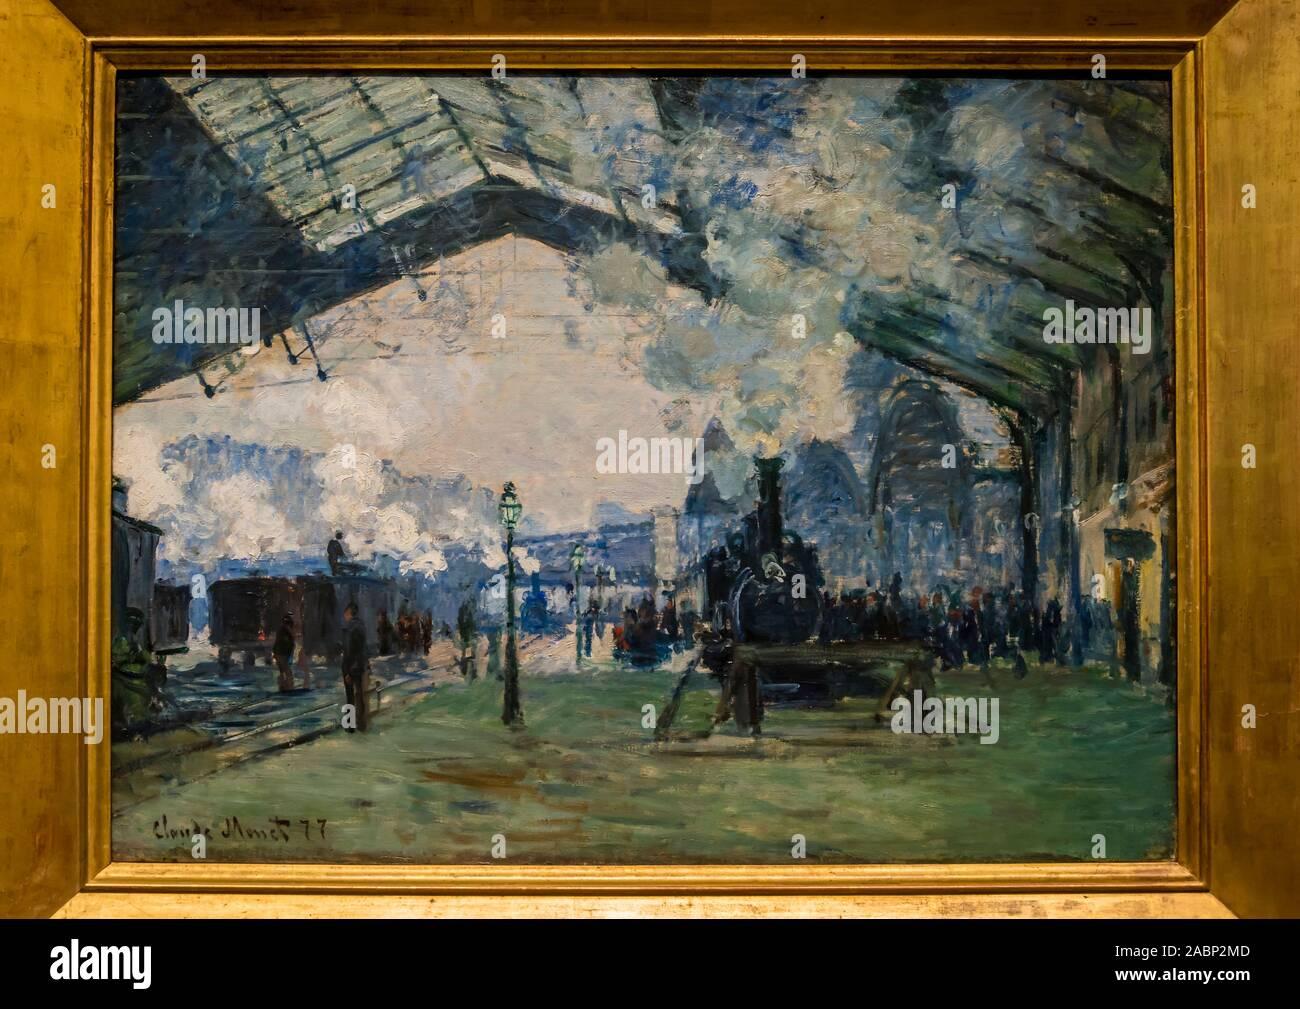 La Peinture De Claude Monet L Arrivee Du Train De Normandie Gare Saint Lazare 1877 The Art Institute Of Chicago Chicago Illinois Etats Unis Photo Stock Alamy